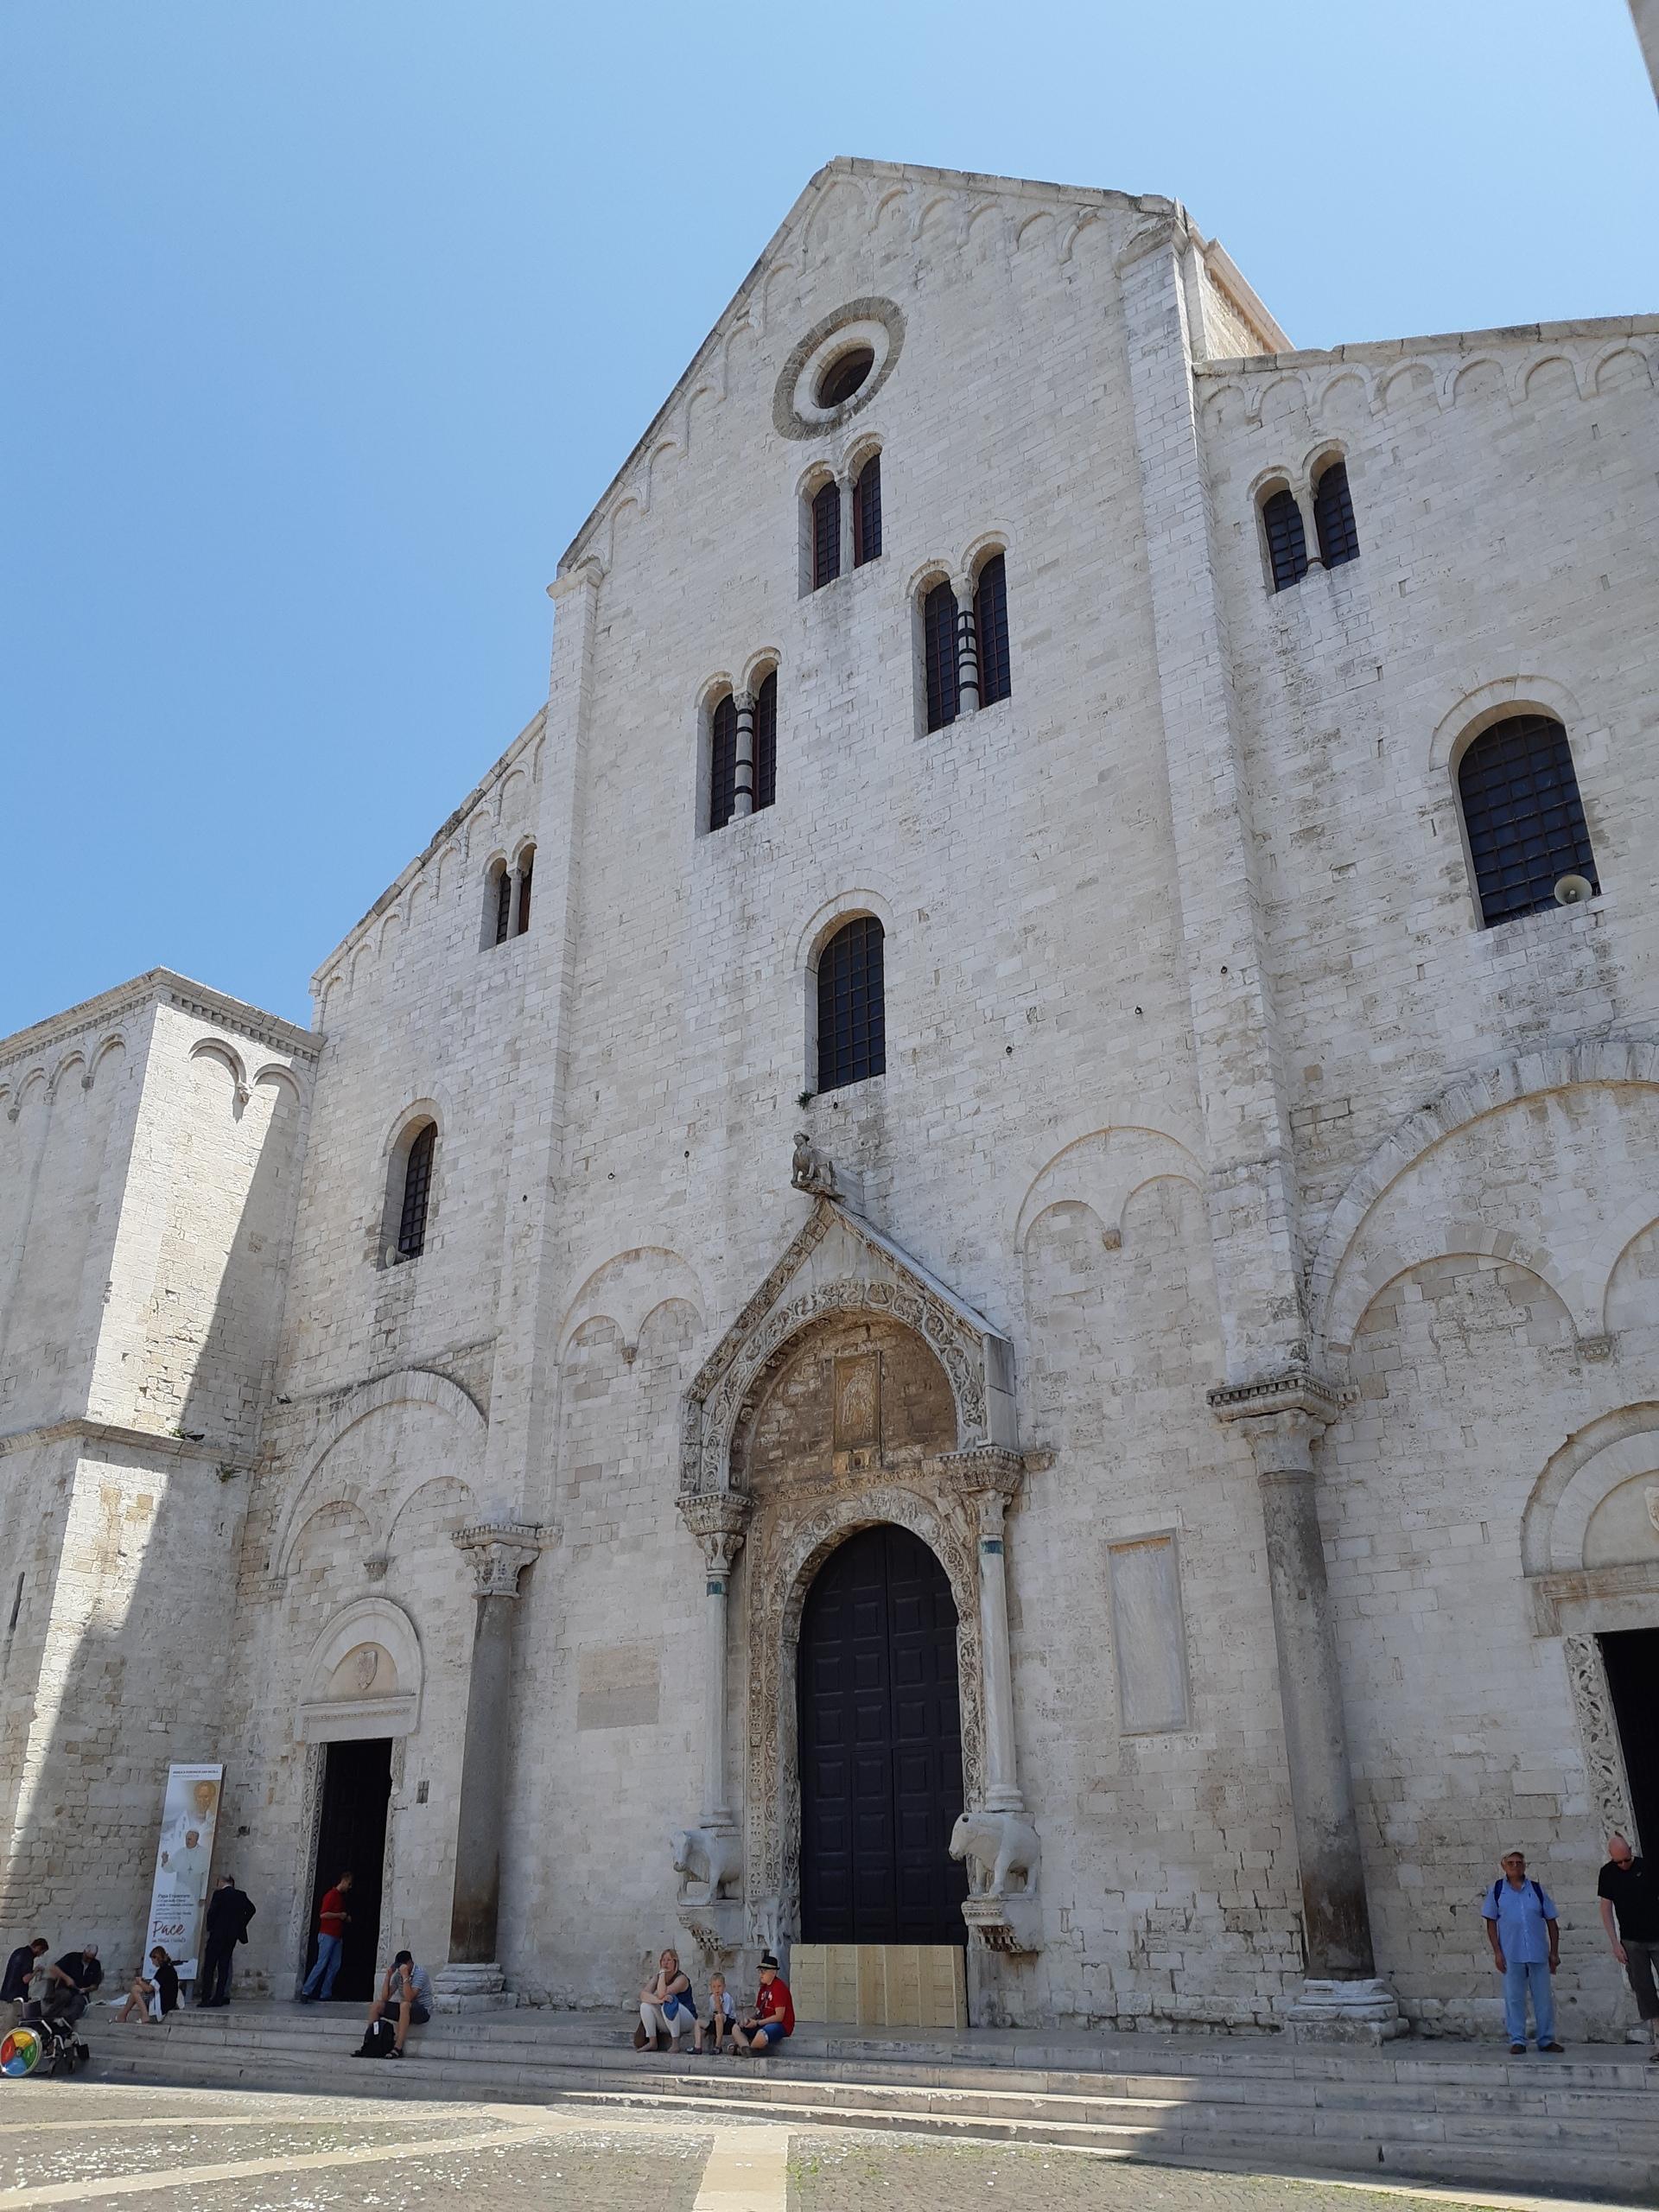 La facciata della Basilica di San Nicola a Bari (foto Muolo)